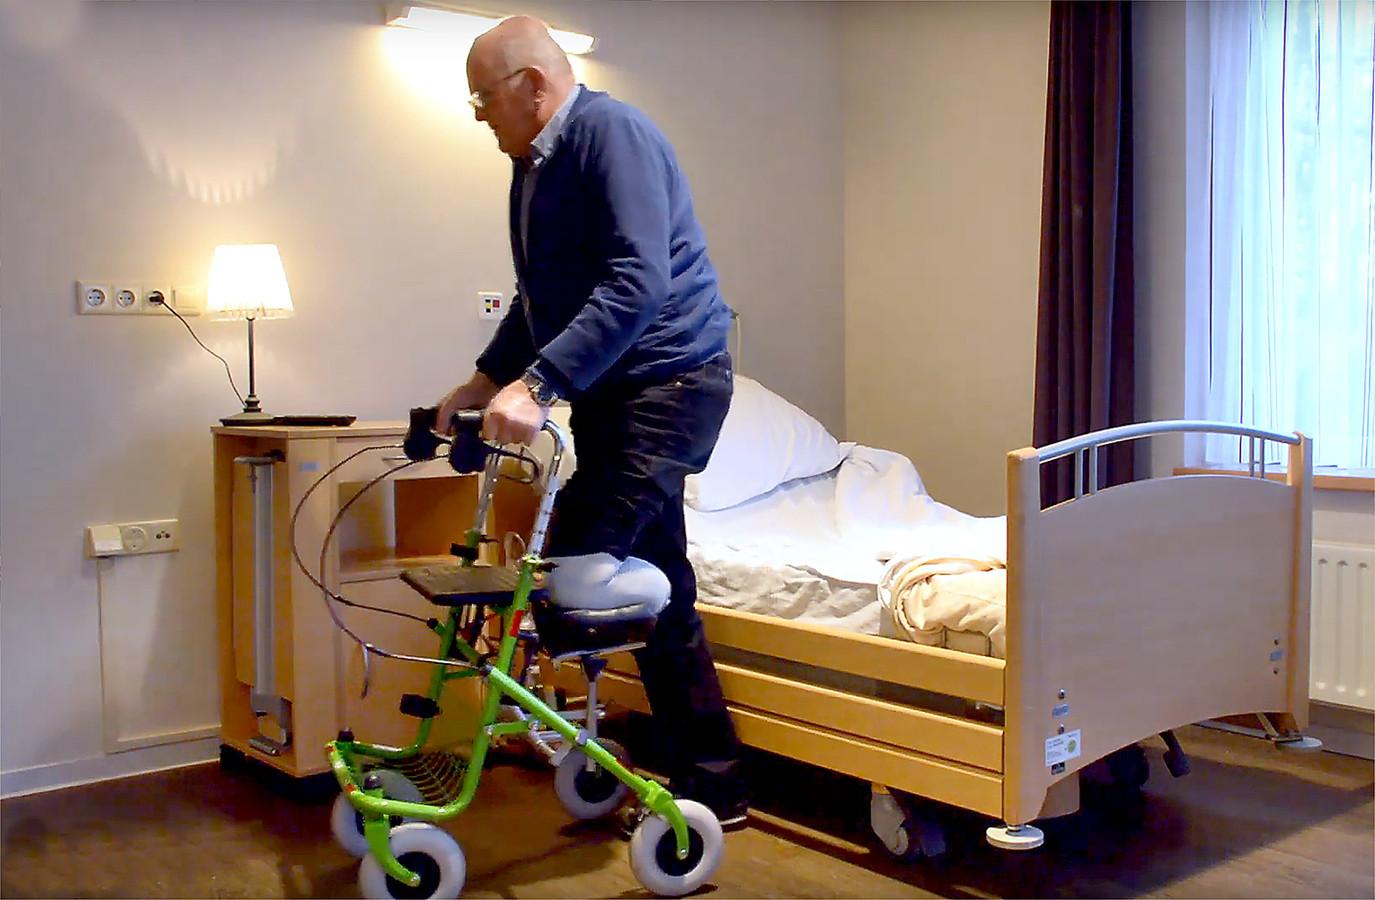 Fysiotherapeuten Rolf van der Burgt en Kjeld Klaver bedachten de AmpUgo, een steun voor aan een rollator. Hiermee kunnen mensen met een onderbeenamputatie toch lopen met een rollator.